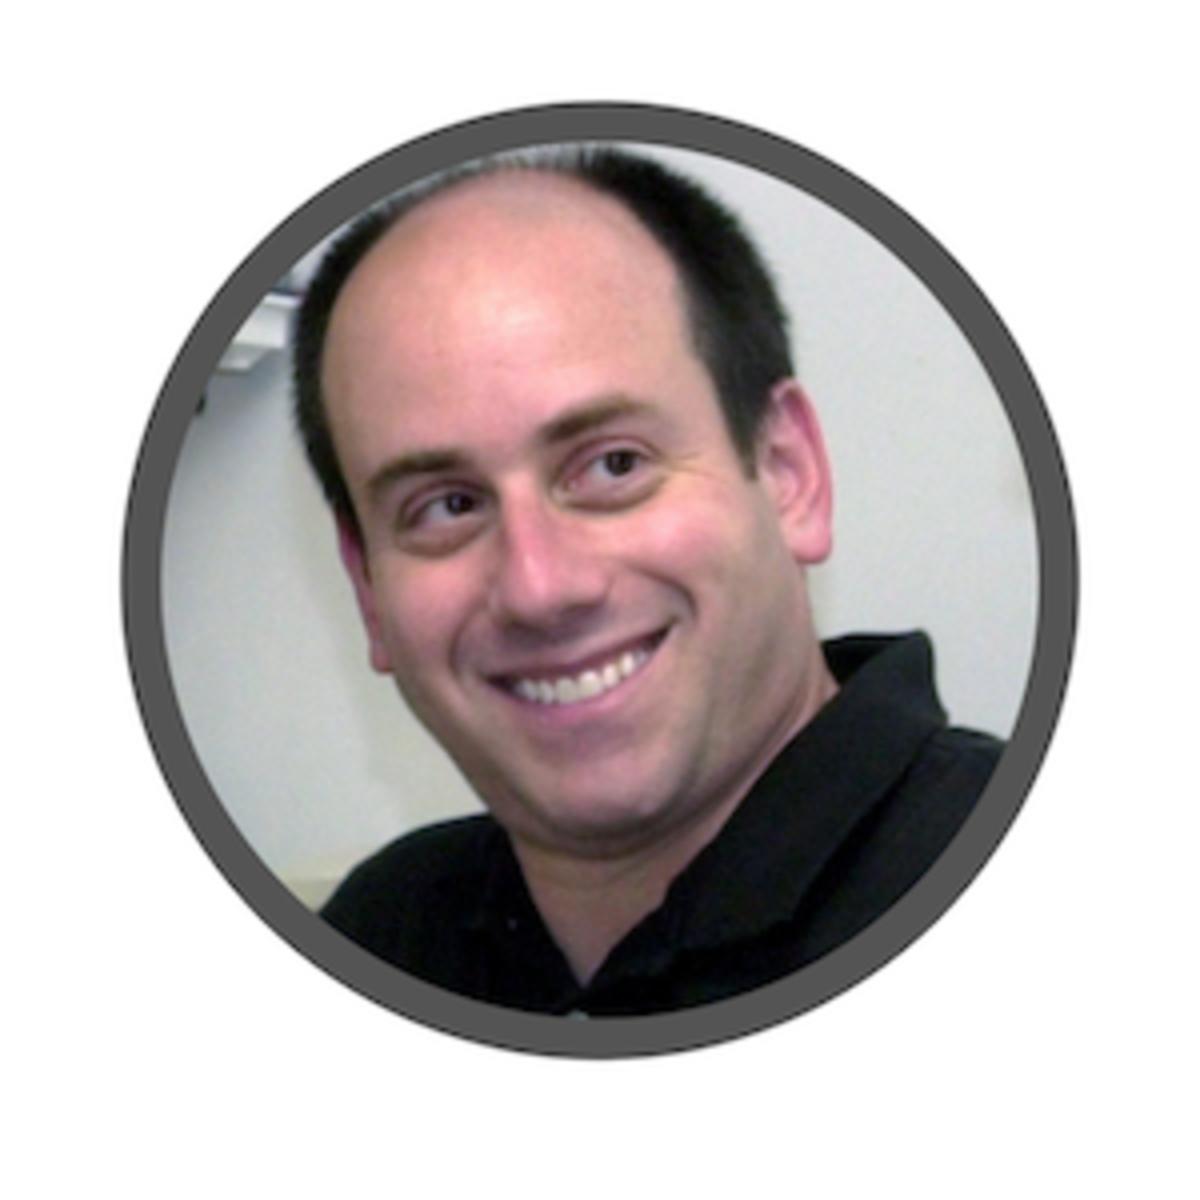 Kevin-Delin-ScriptContributor-2021-Author